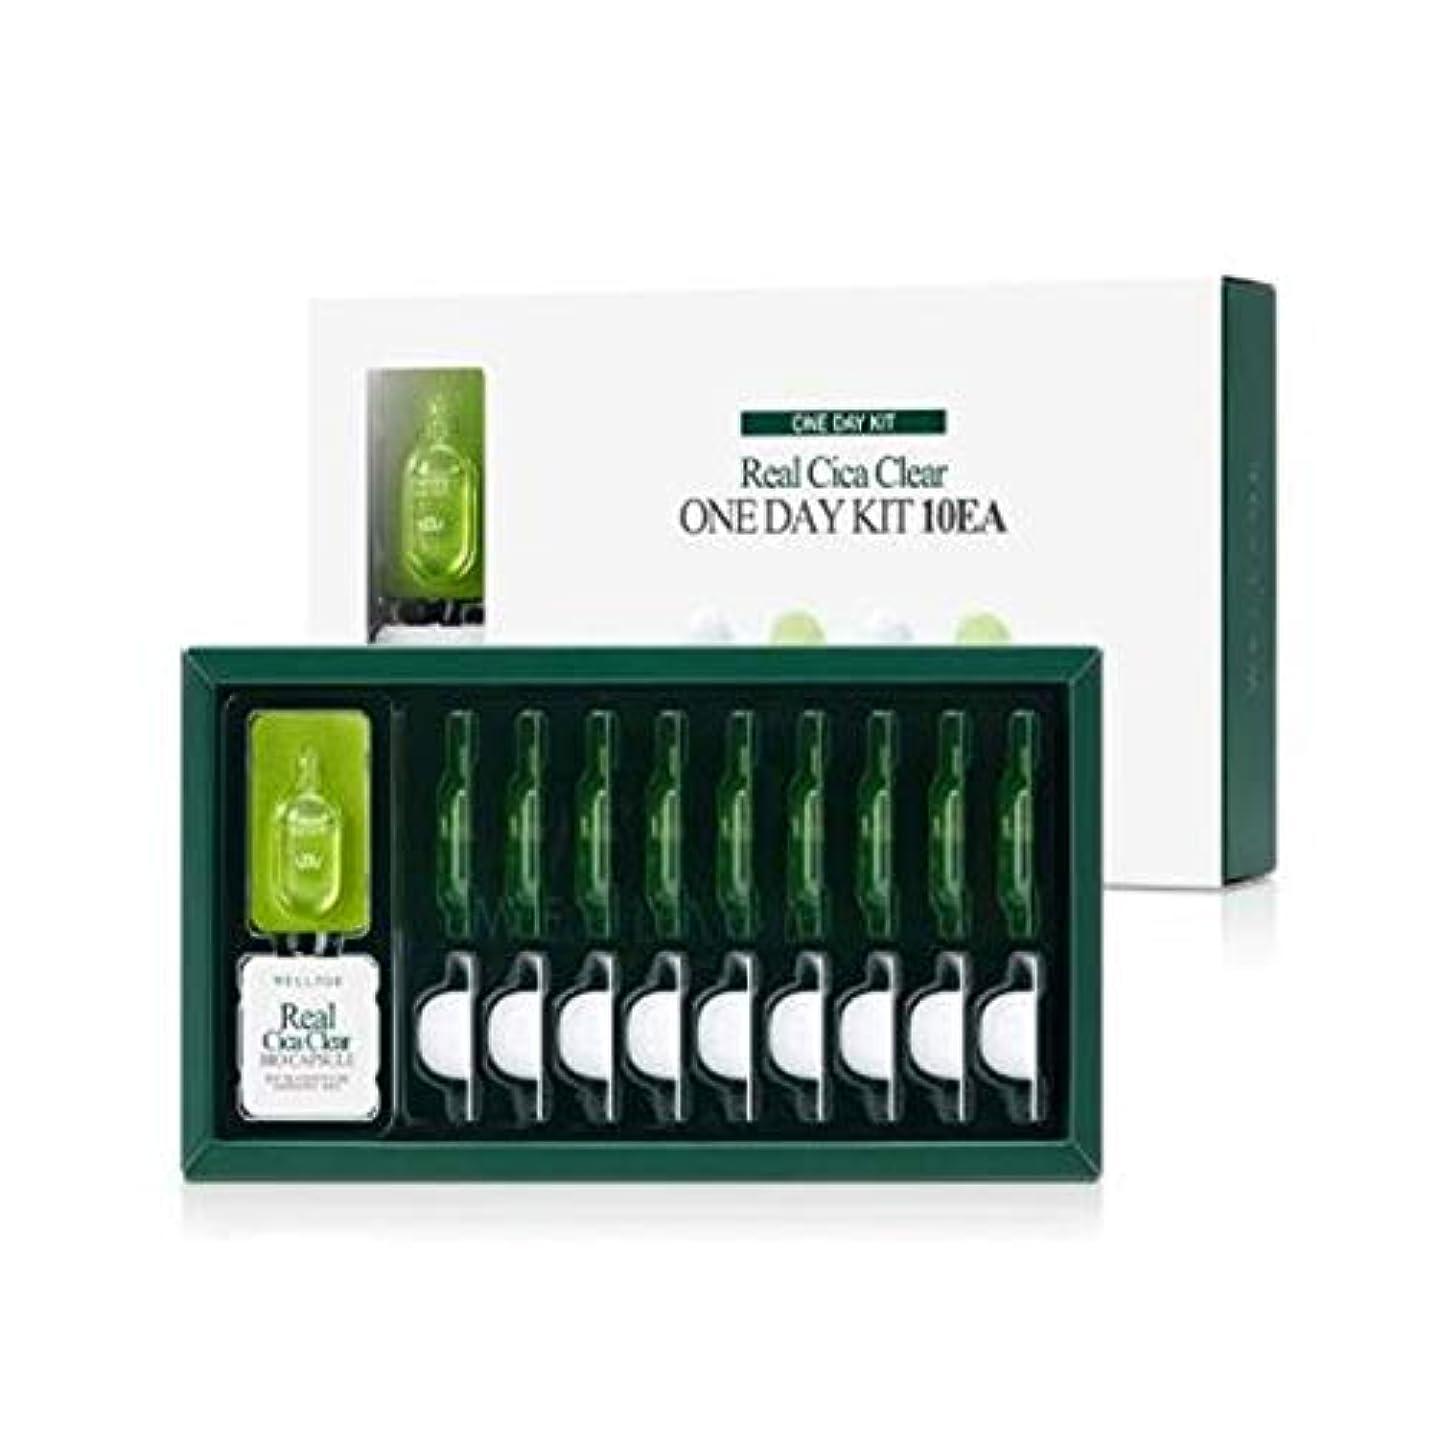 遅滞終わり食料品店WELLAGE(ウェラージュ) リアルシカクリアワンデイキット 10EA / Real Cica Clear One Day Kit